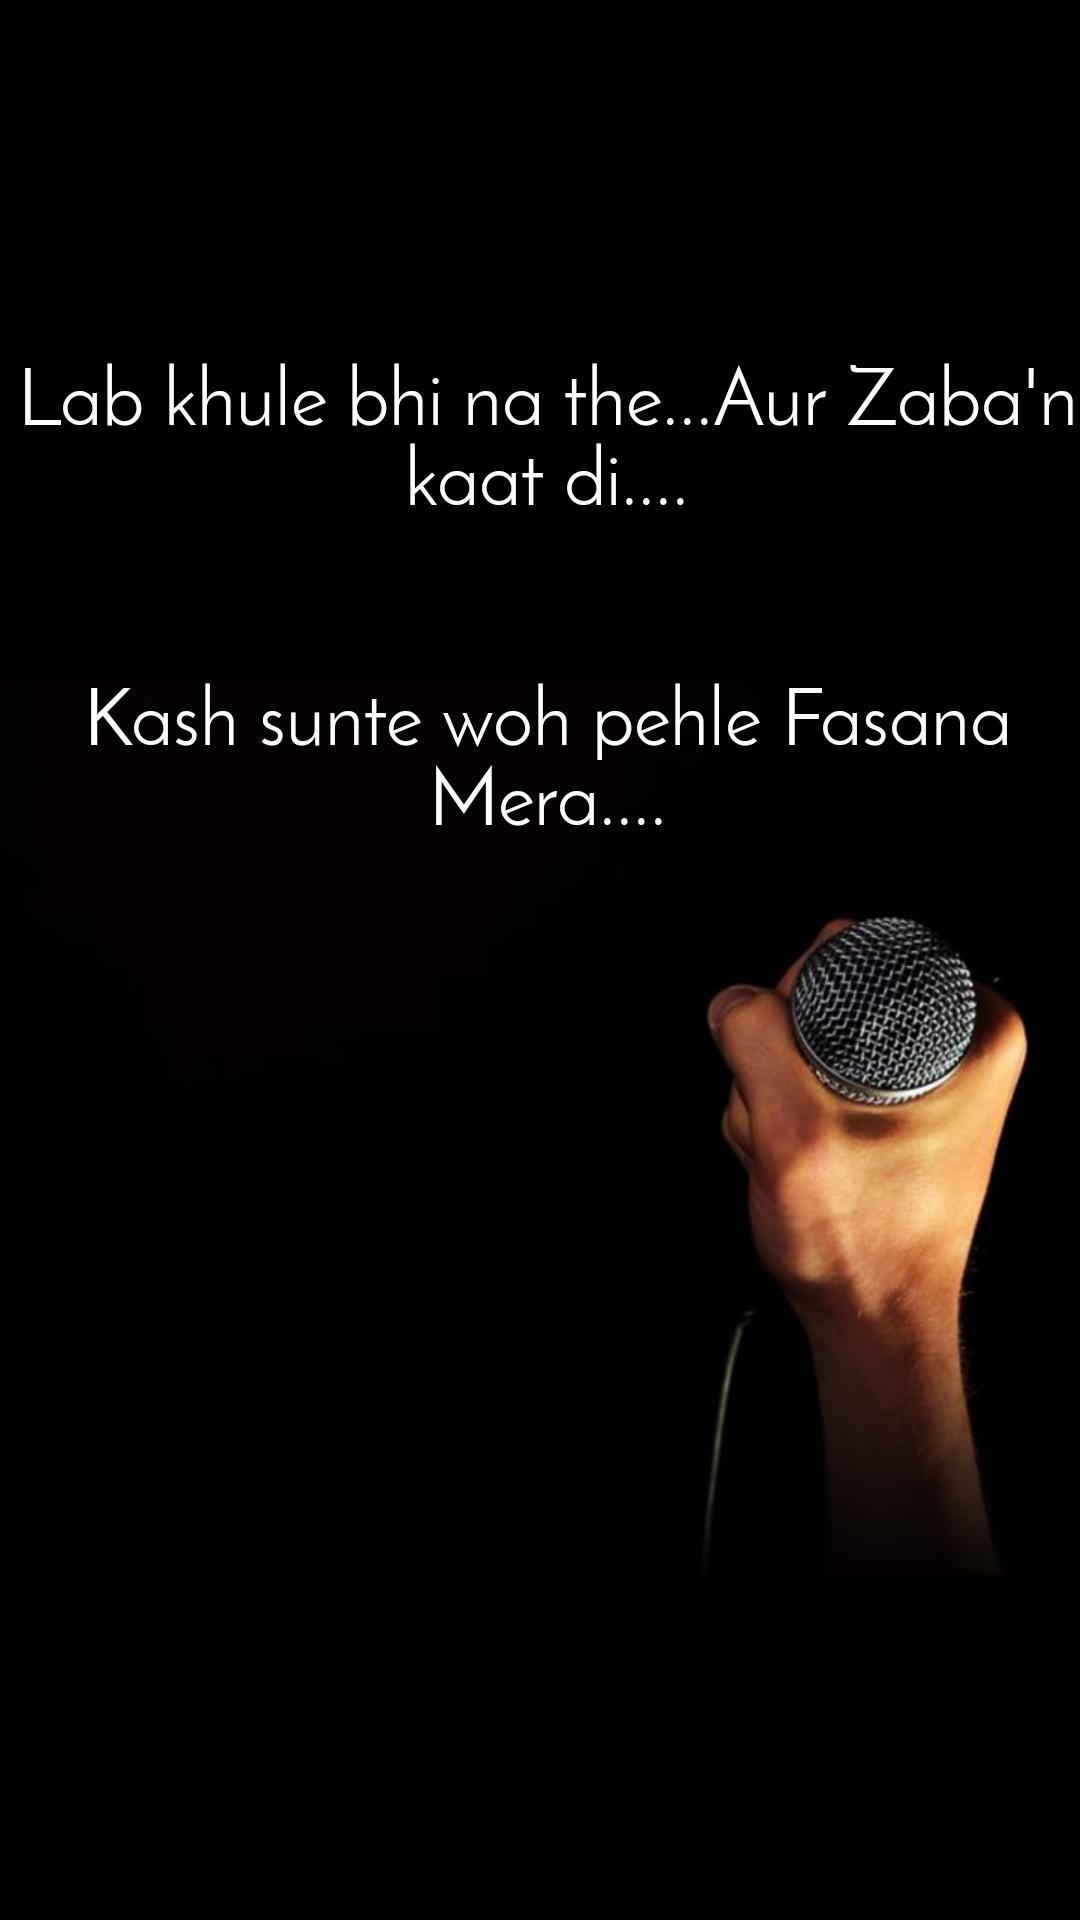 Lab khule bhi na the...Aur Zaba'n kaat di....   Kash sunte woh pehle Fasana Mera....